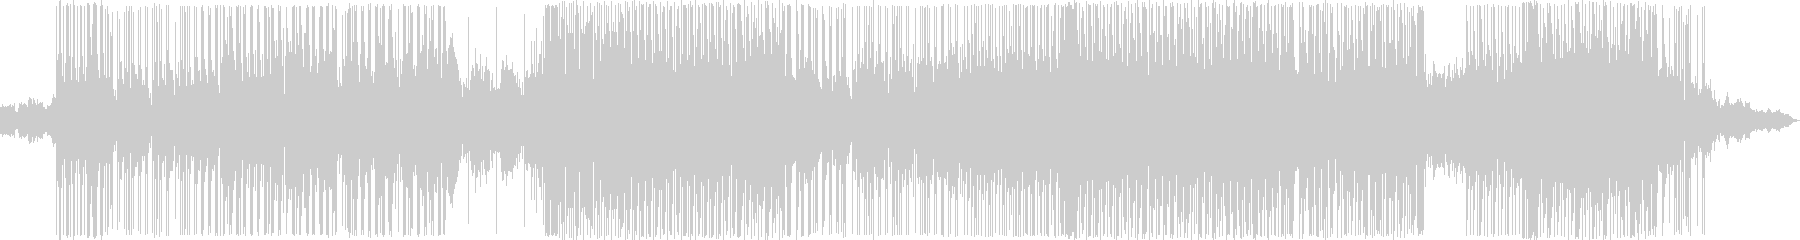 ヒップホップ風のリズムのR&Bバラード6の未再生の波形